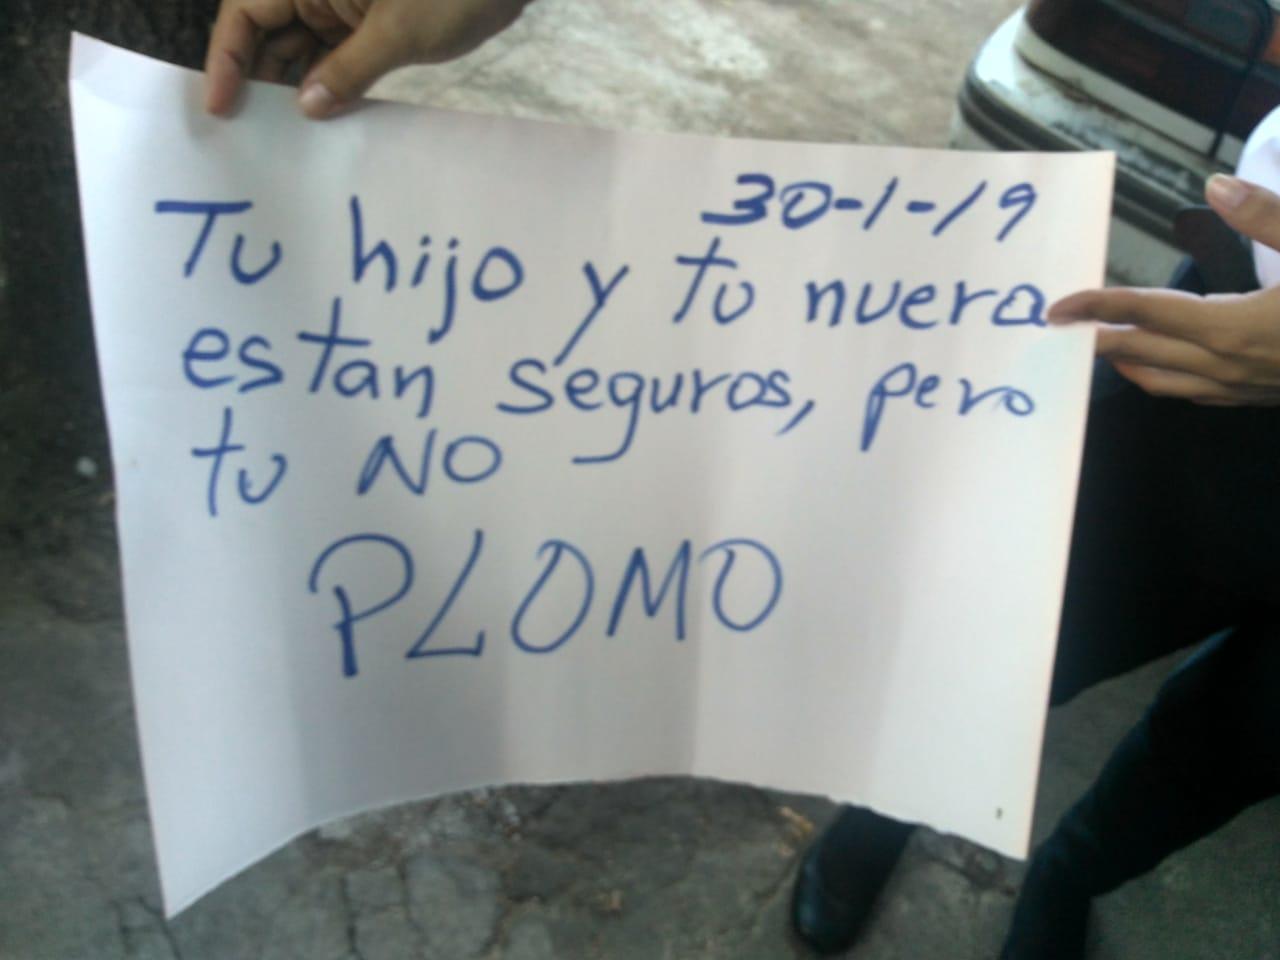 Mensaje de paramilitares contra familiares de periodistas exiliados. Foto: Cortesía.